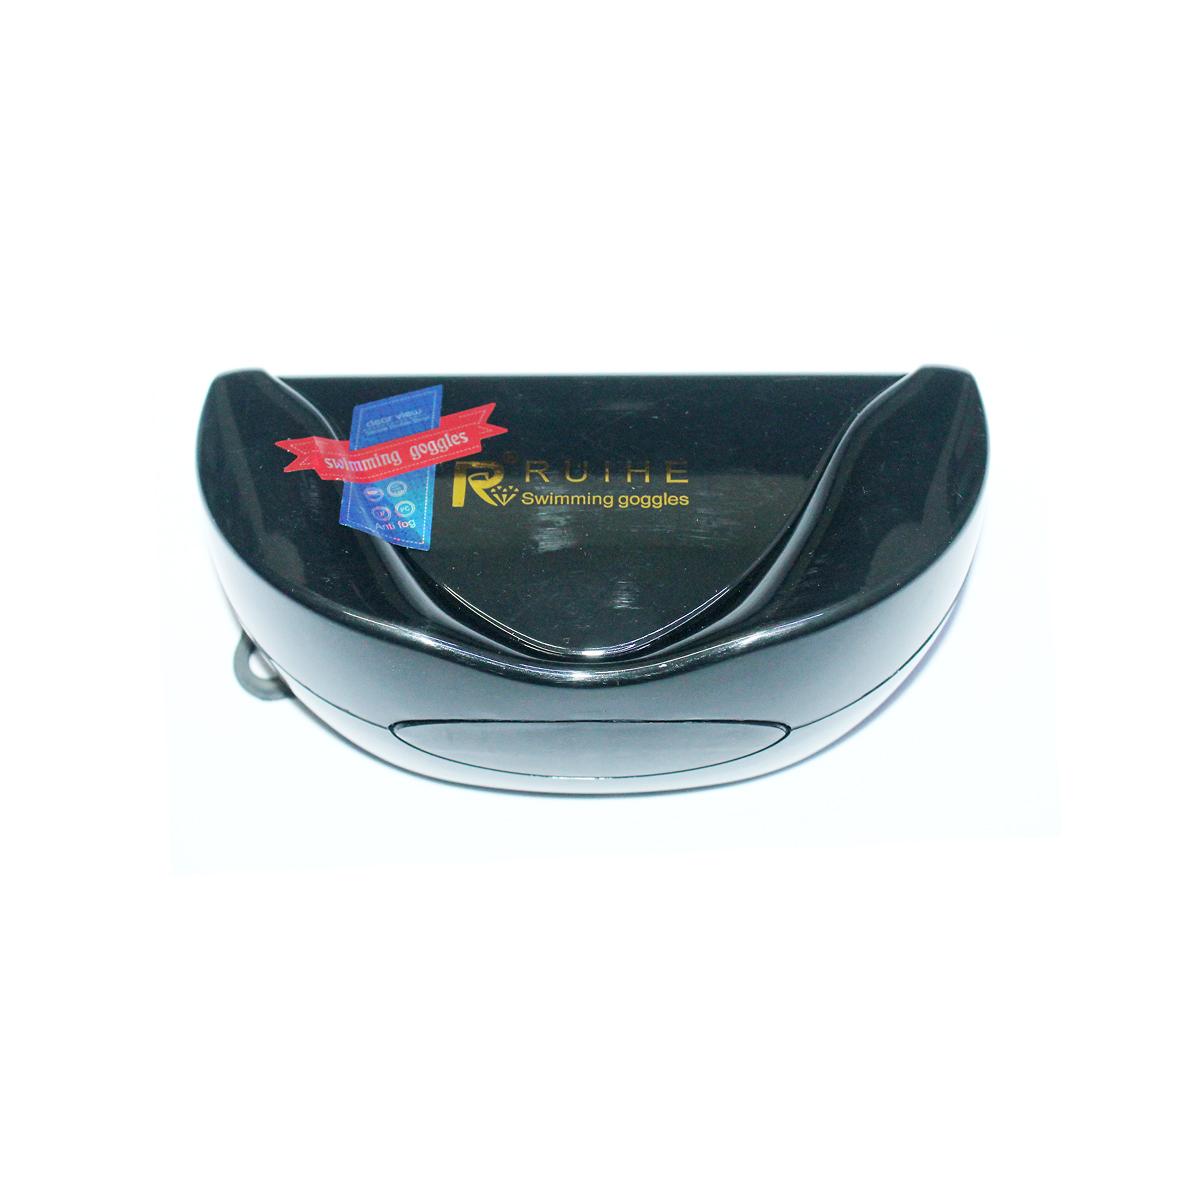 Kính Bơi Chính Hãng Ruihe Màu Xanh Có Trắng Gương RHB9200 - Giá Tốt